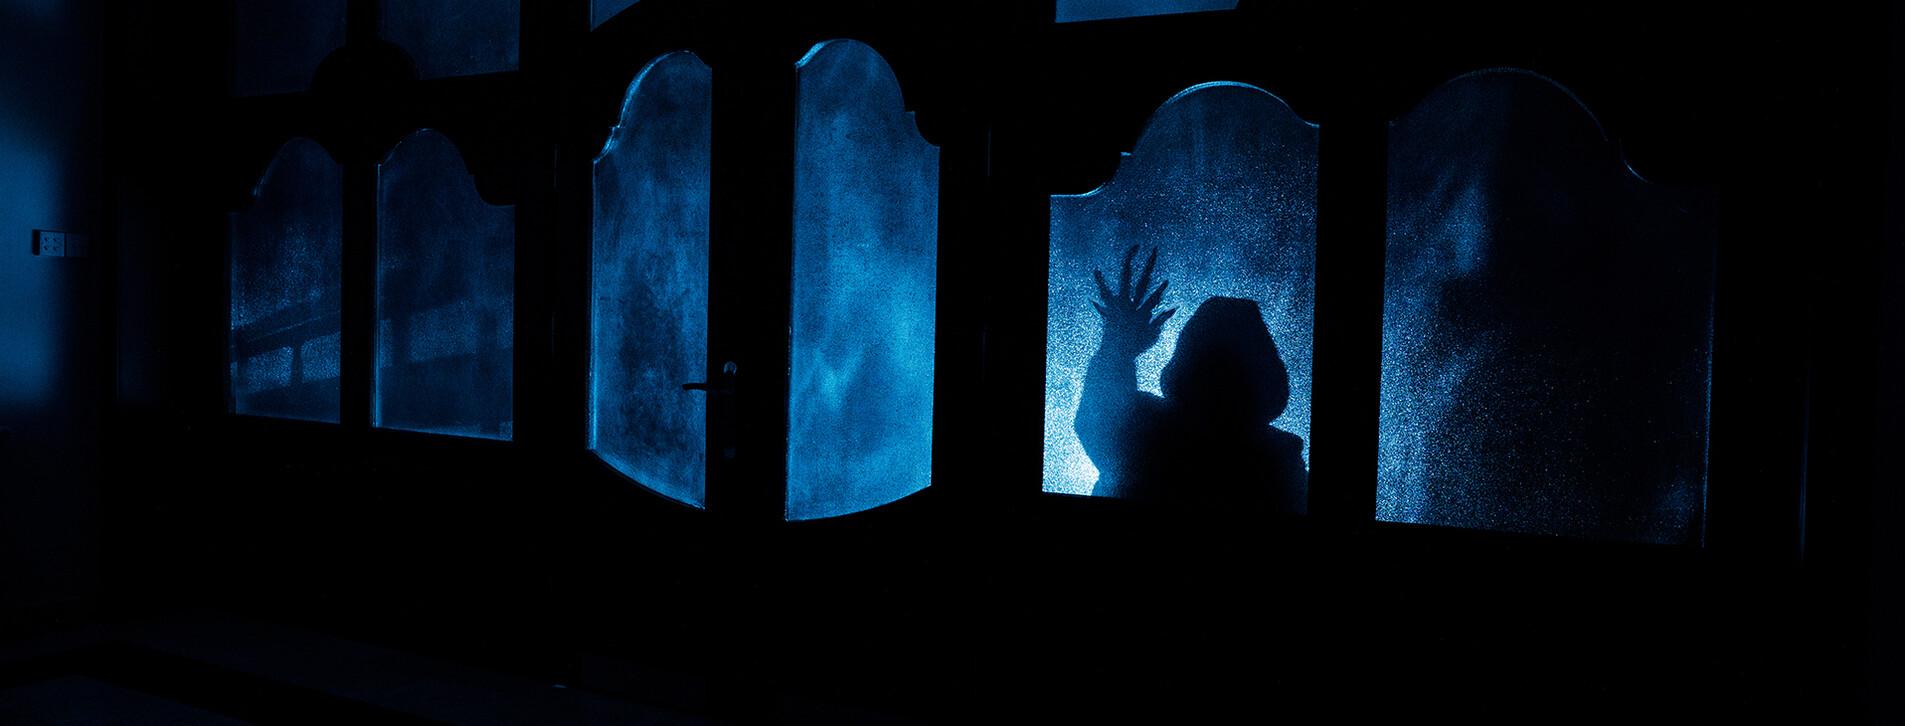 Фото 1 - Комната страха для компании